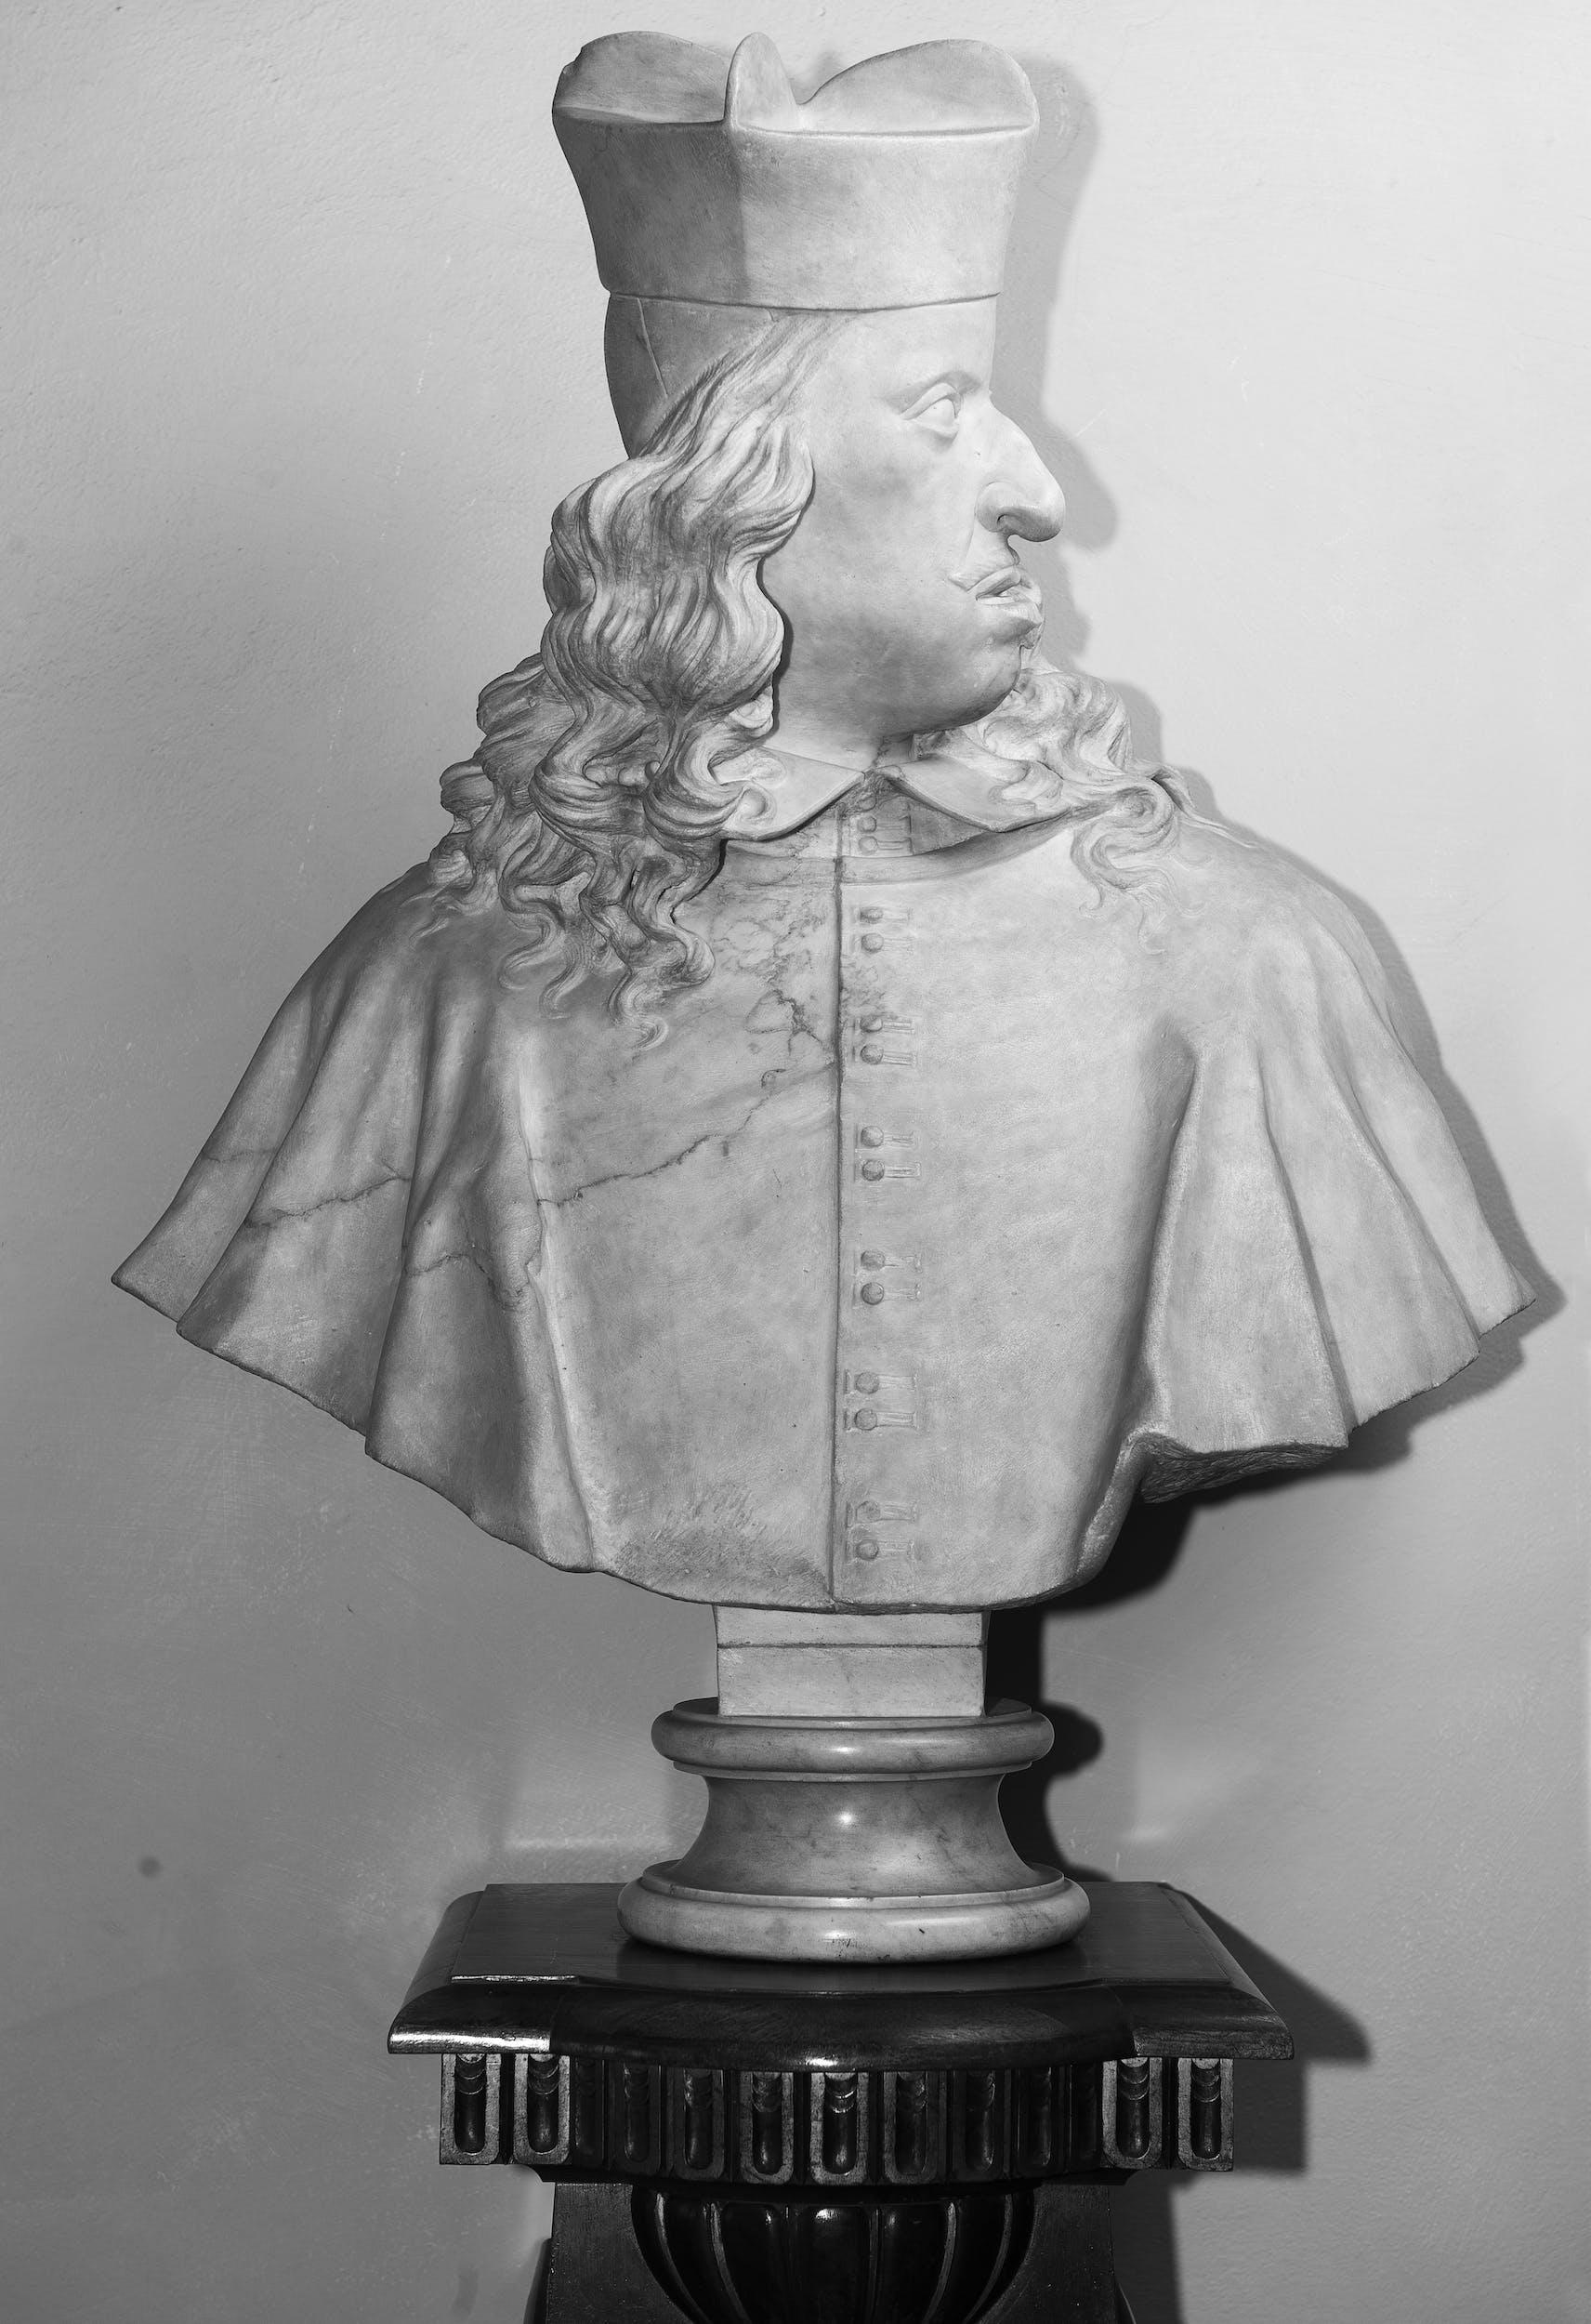 Fig. 9 Ignoto artista di ambito fiorentino, Leopoldo de' Medici - Unknown Florentine artist, Leopoldo de' Medici.